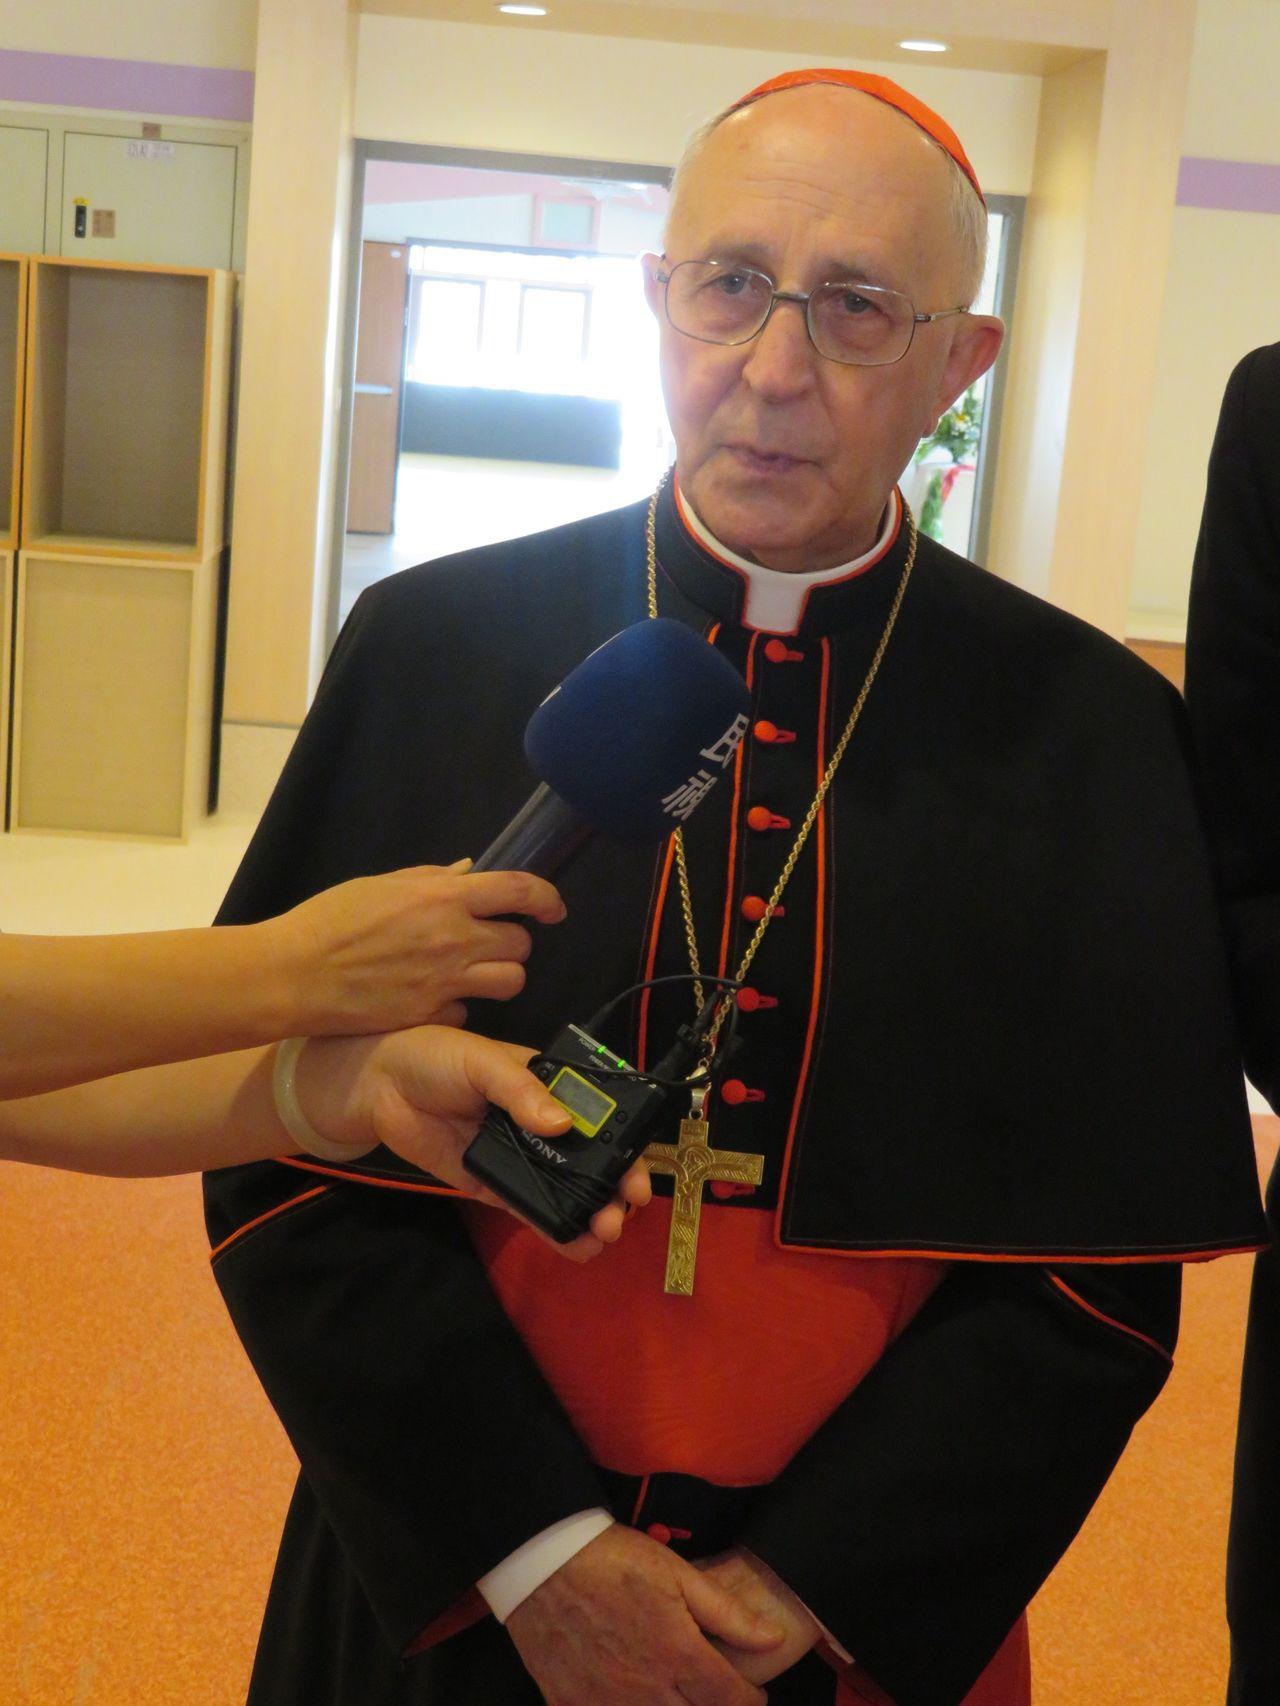 天主教教宗方濟各派特使、萬民福音傳播部長費洛尼樞機主教抵台訪問,他說,台梵邦誼如...